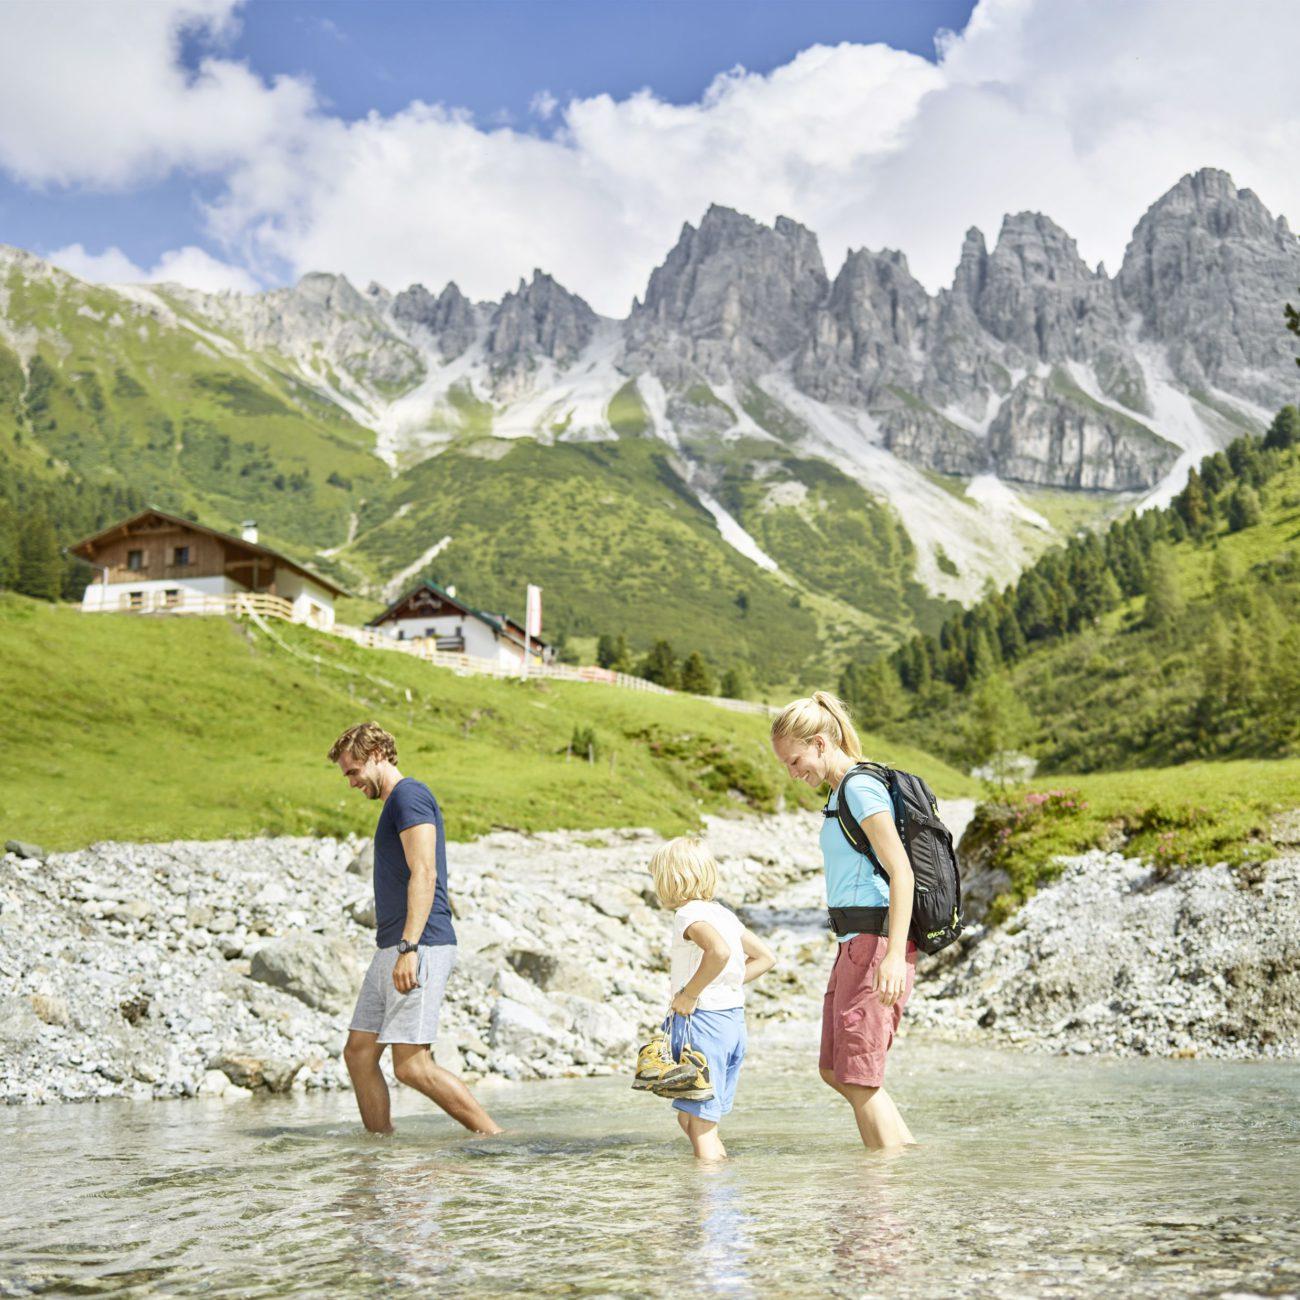 Tijdens je vakantie in Oostenrijk bergwandelingen maken en afkoelen in de beek. Een gezin van drie personen in het water